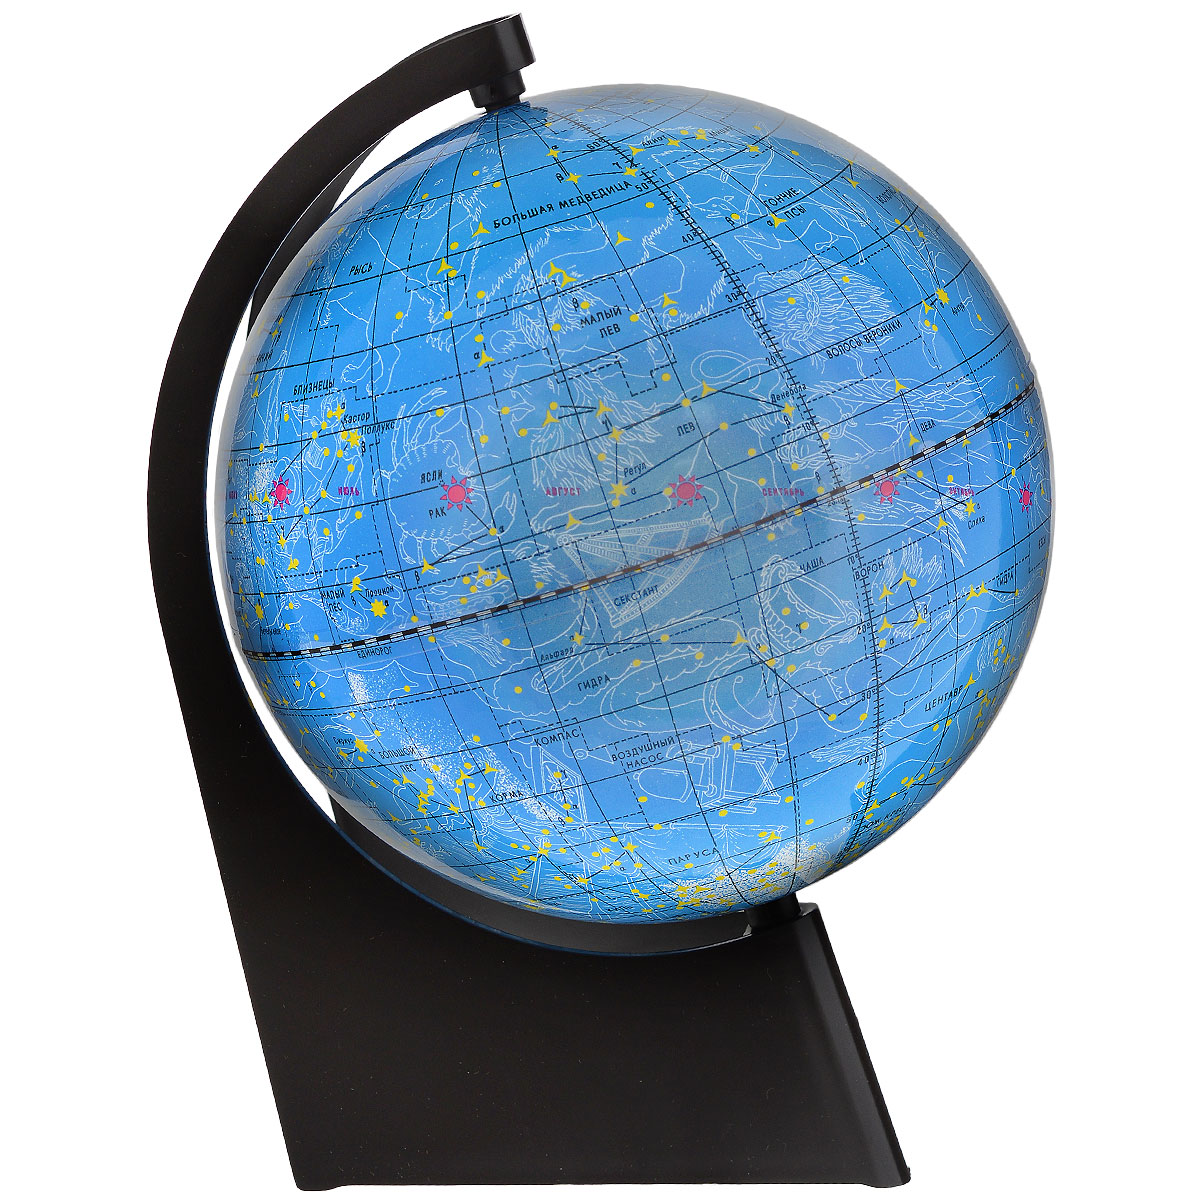 Глобусный мир Глобус звездного неба, диаметр 21 см10295Глобус звездного неба Глобусный мир, изготовленный из высококачественного прочного пластика.Данная модель предназначена для ознакомления с космосом, звездами и созвездиями. На нем нанесены те же круги, что и на картах звёздного неба, - небесные параллели, меридианы, экватор и эклиптика. Такой глобус станет прекрасным подарком и учебным материалом для дальнейшего изучения астрономии. Помимо этого глобус обладает приятной цветовой гаммой. Изделие расположено на треугольной подставке.Настольный глобус звездного неба Глобусный мир станет оригинальным украшением рабочего стола или вашего кабинета. Это изысканная вещь для стильного интерьера, которая станет прекрасным подарком для современного преуспевающего человека, следующего последним тенденциям моды и стремящегося к элегантности и комфорту в каждой детали.Масштаб: 1:60 000 000.